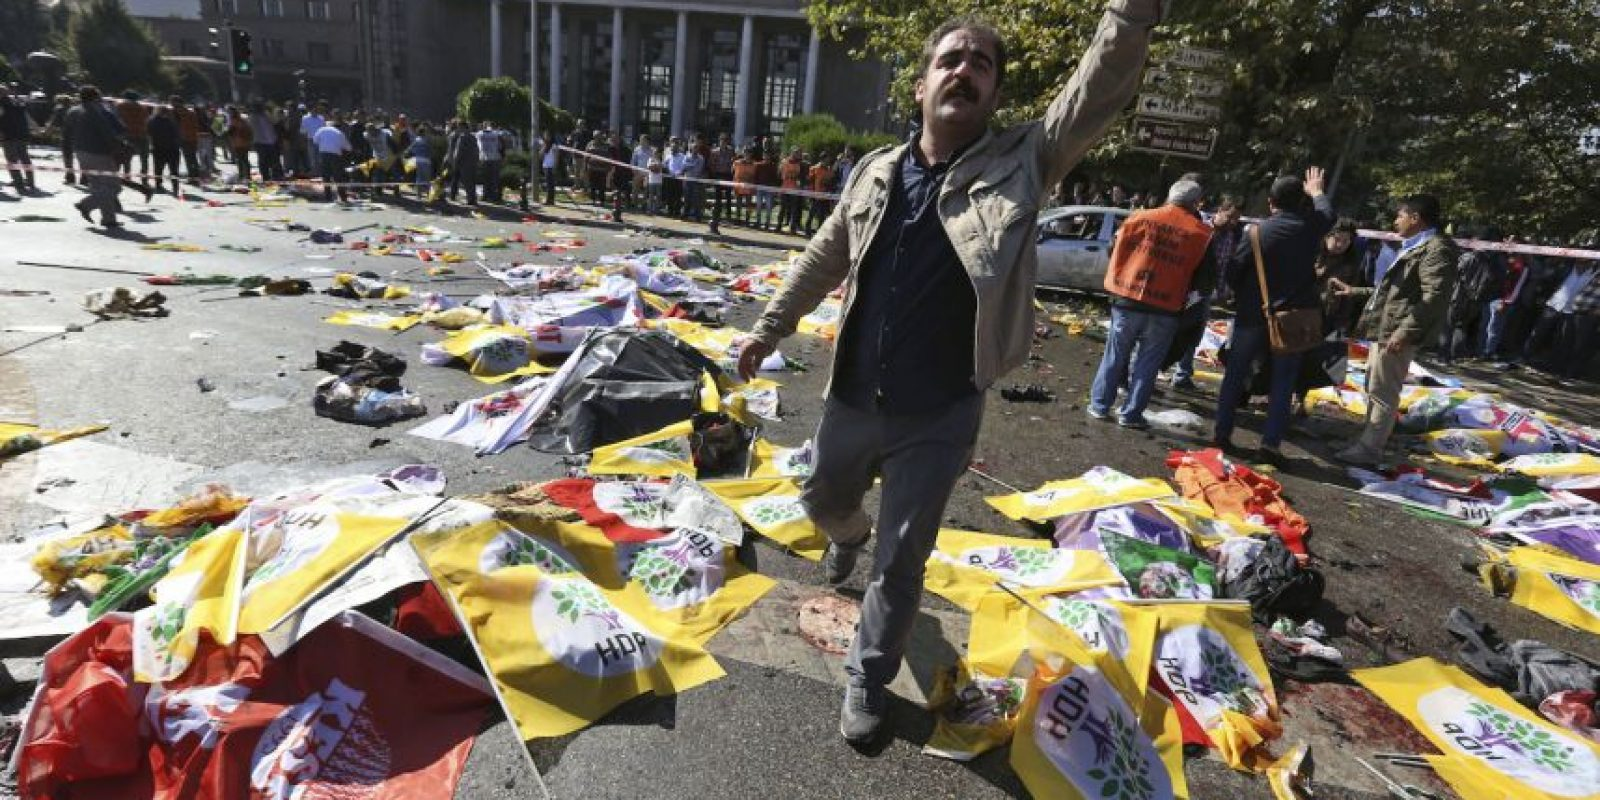 Más de 100 personas fueron asesinadas y más de 200 resultaron heridas. Foto:AP